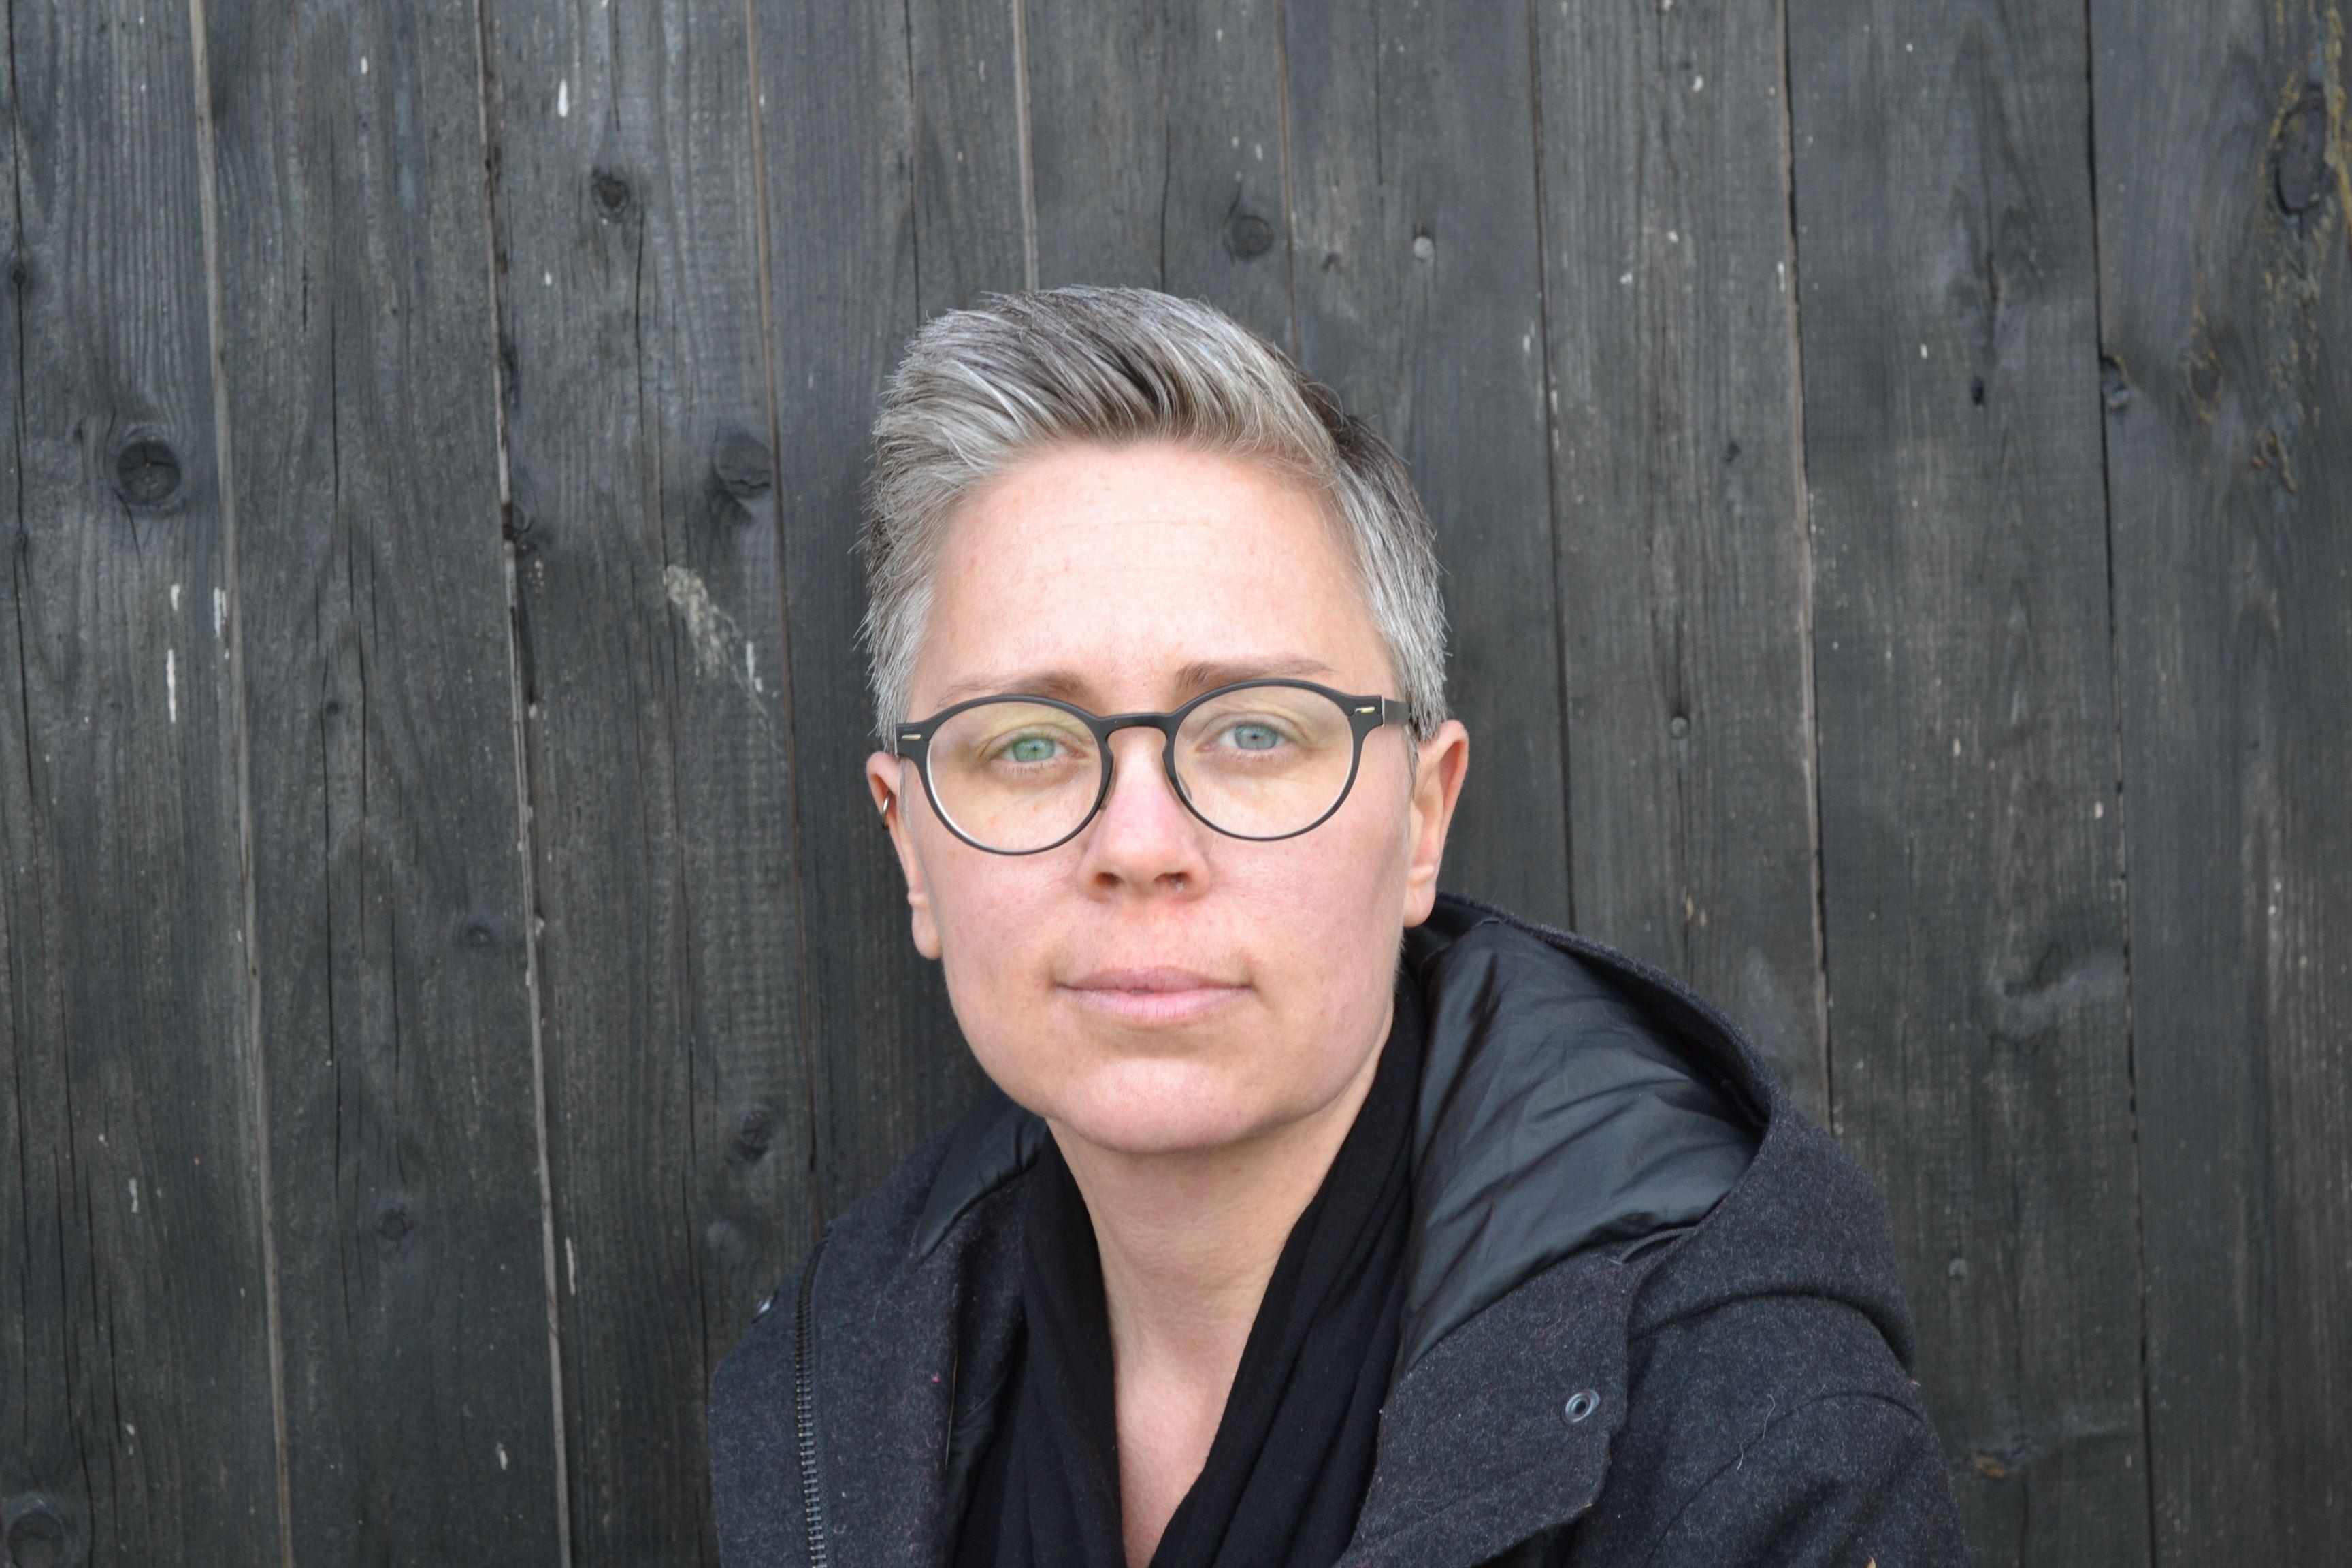 Lunds universitet, Kön och maktrelationer - Tina Mattsson